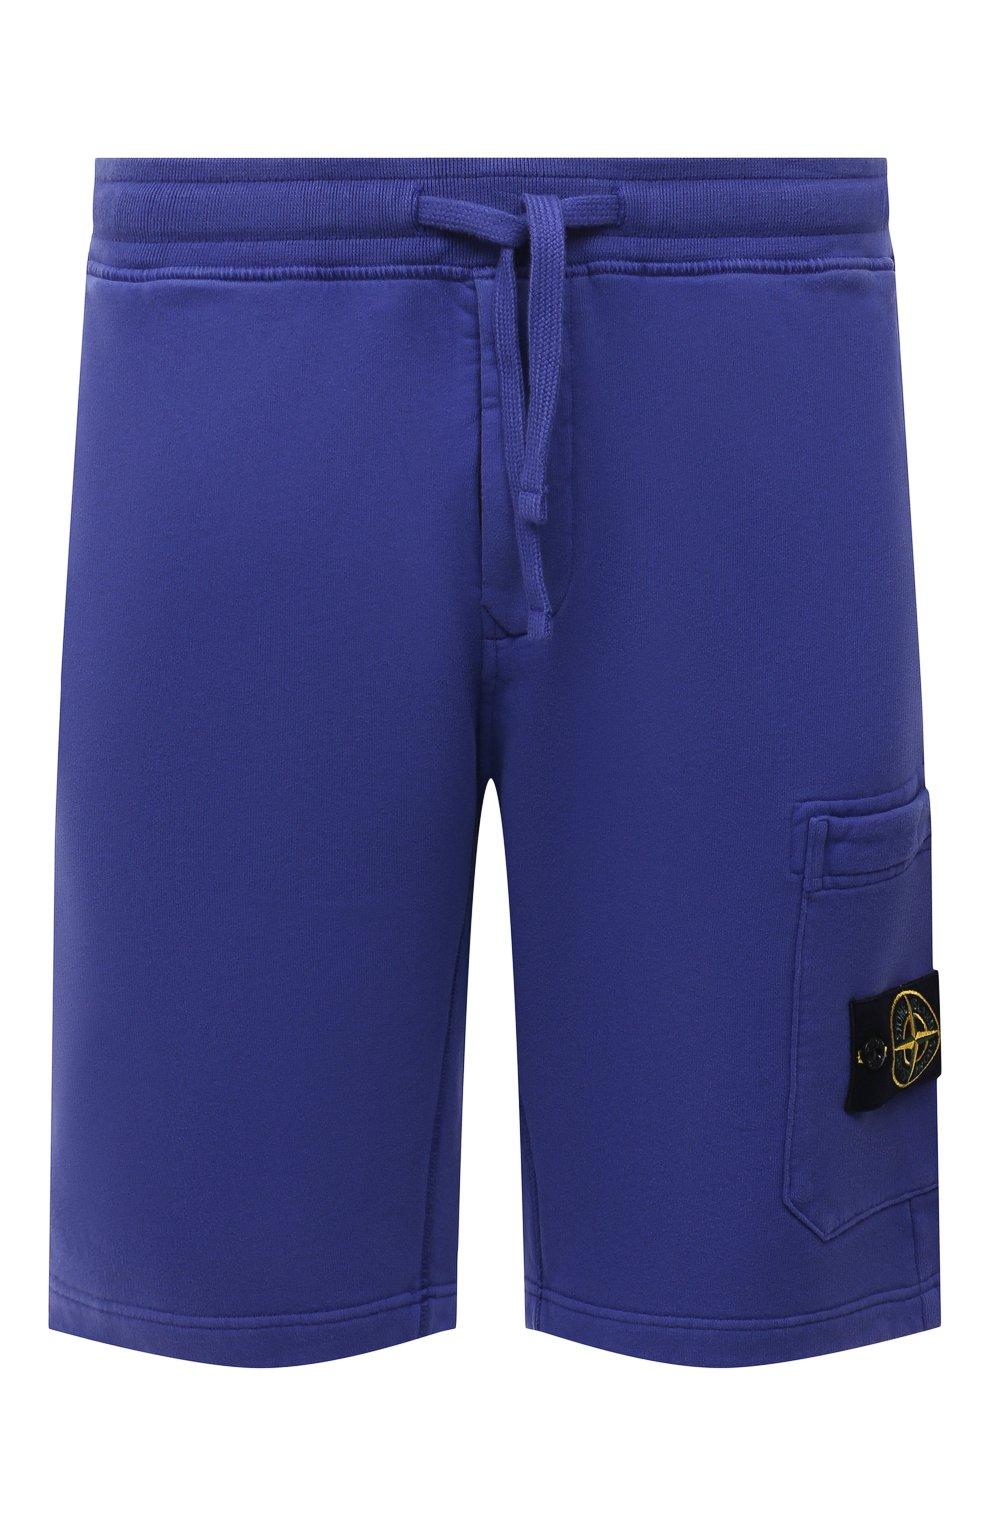 Мужские хлопковые шорты STONE ISLAND синего цвета, арт. 751564620   Фото 1 (Длина Шорты М: До колена; Принт: Без принта; Кросс-КТ: Трикотаж; Материал внешний: Хлопок; Стили: Спорт-шик)